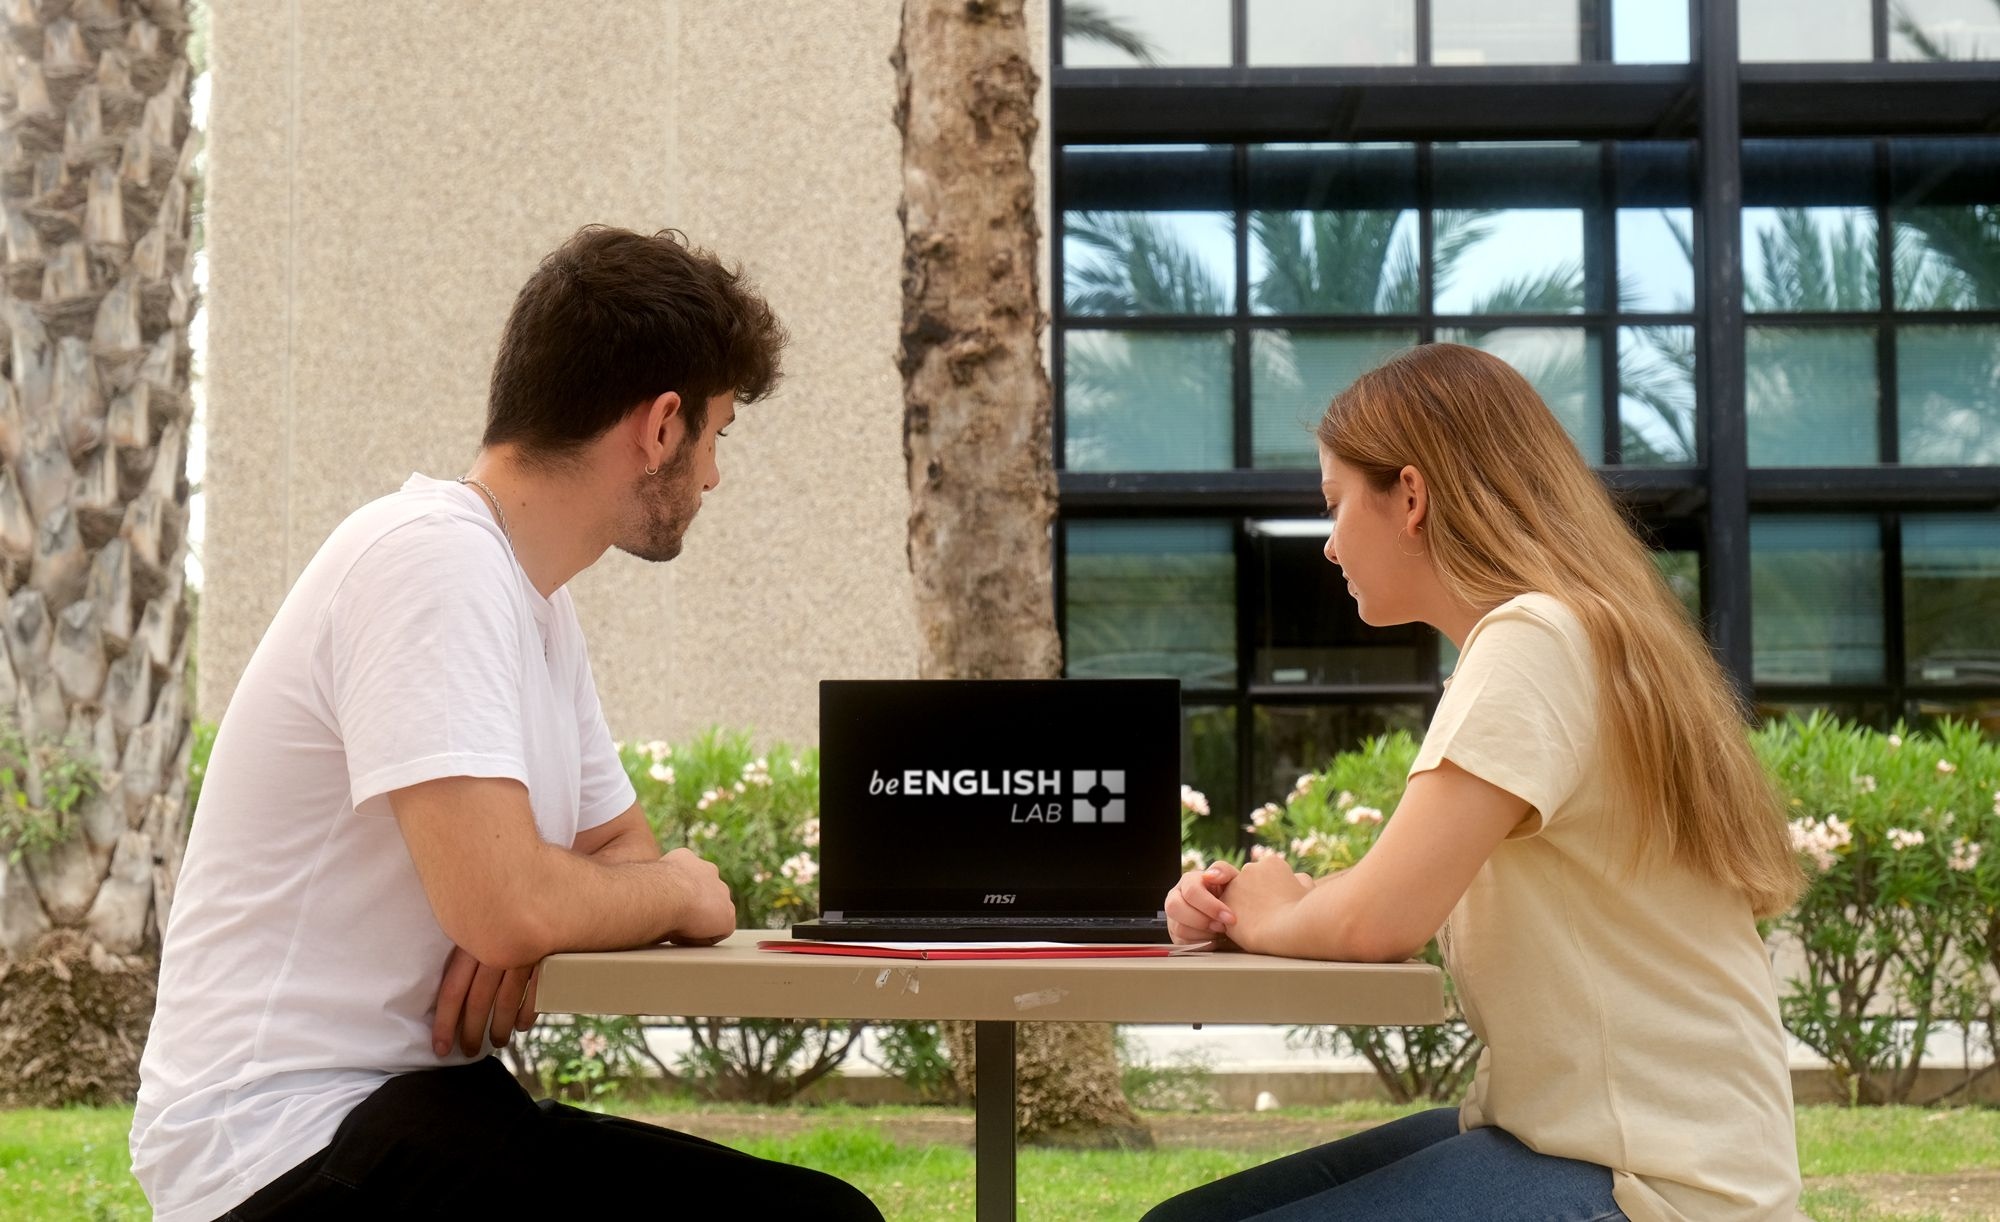 Innovación en la enseñanza de idiomas: una plataforma online para aprender y perfeccionar el inglés